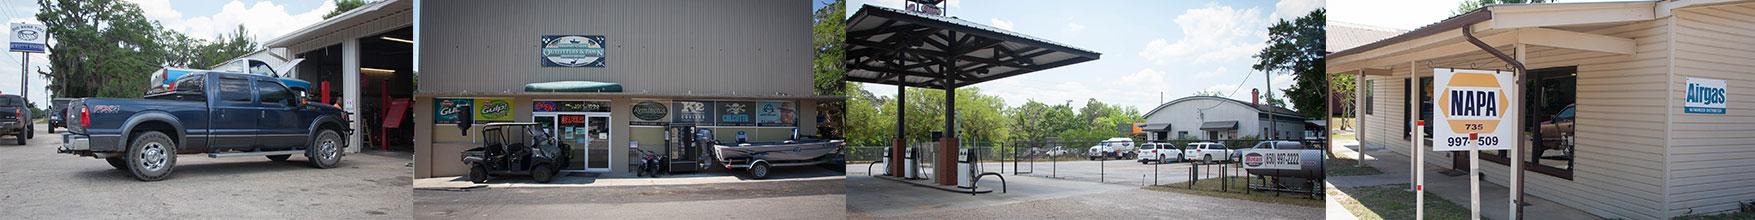 Commerce in Jefferson County, FL, Jefferson County, FL